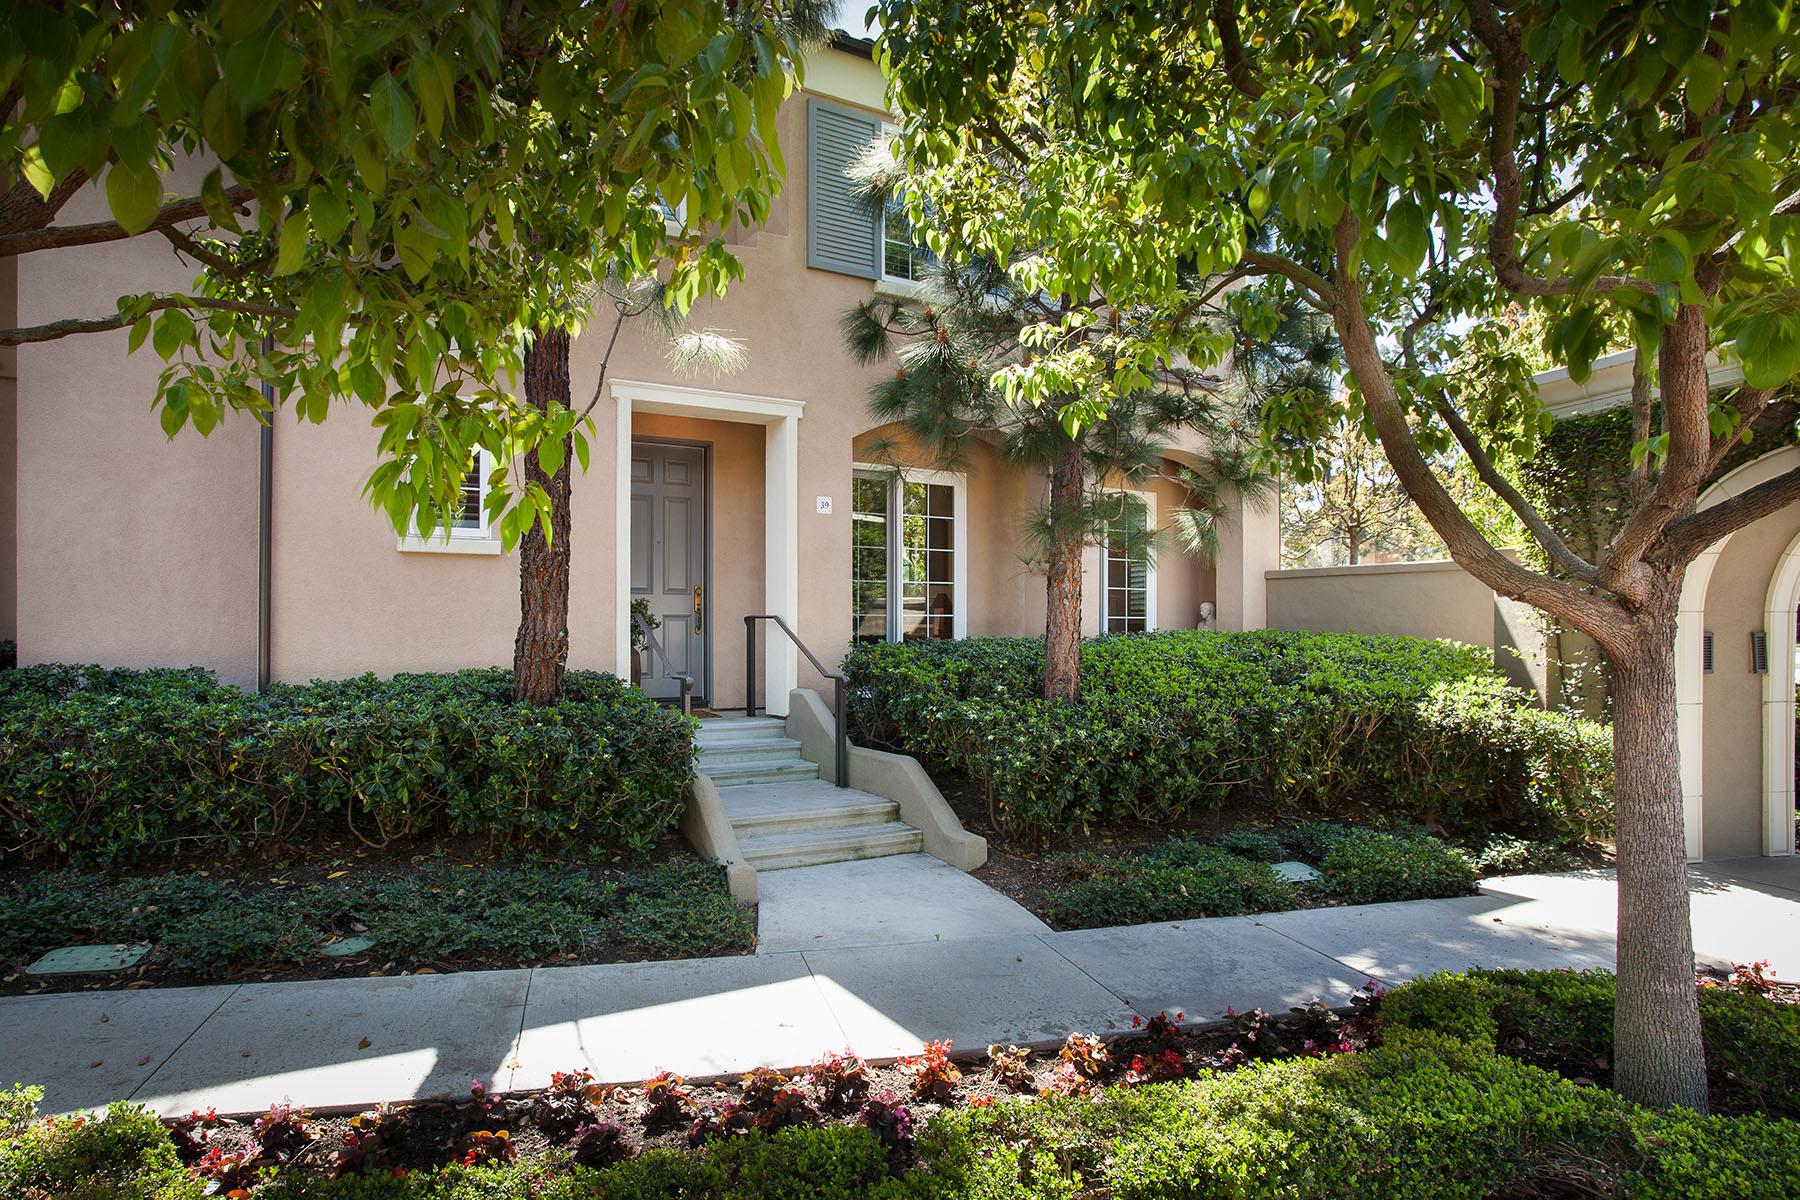 共管式独立产权公寓 为 销售 在 39 Via Amanti 纽波特比奇, 加利福尼亚州, 92657 美国